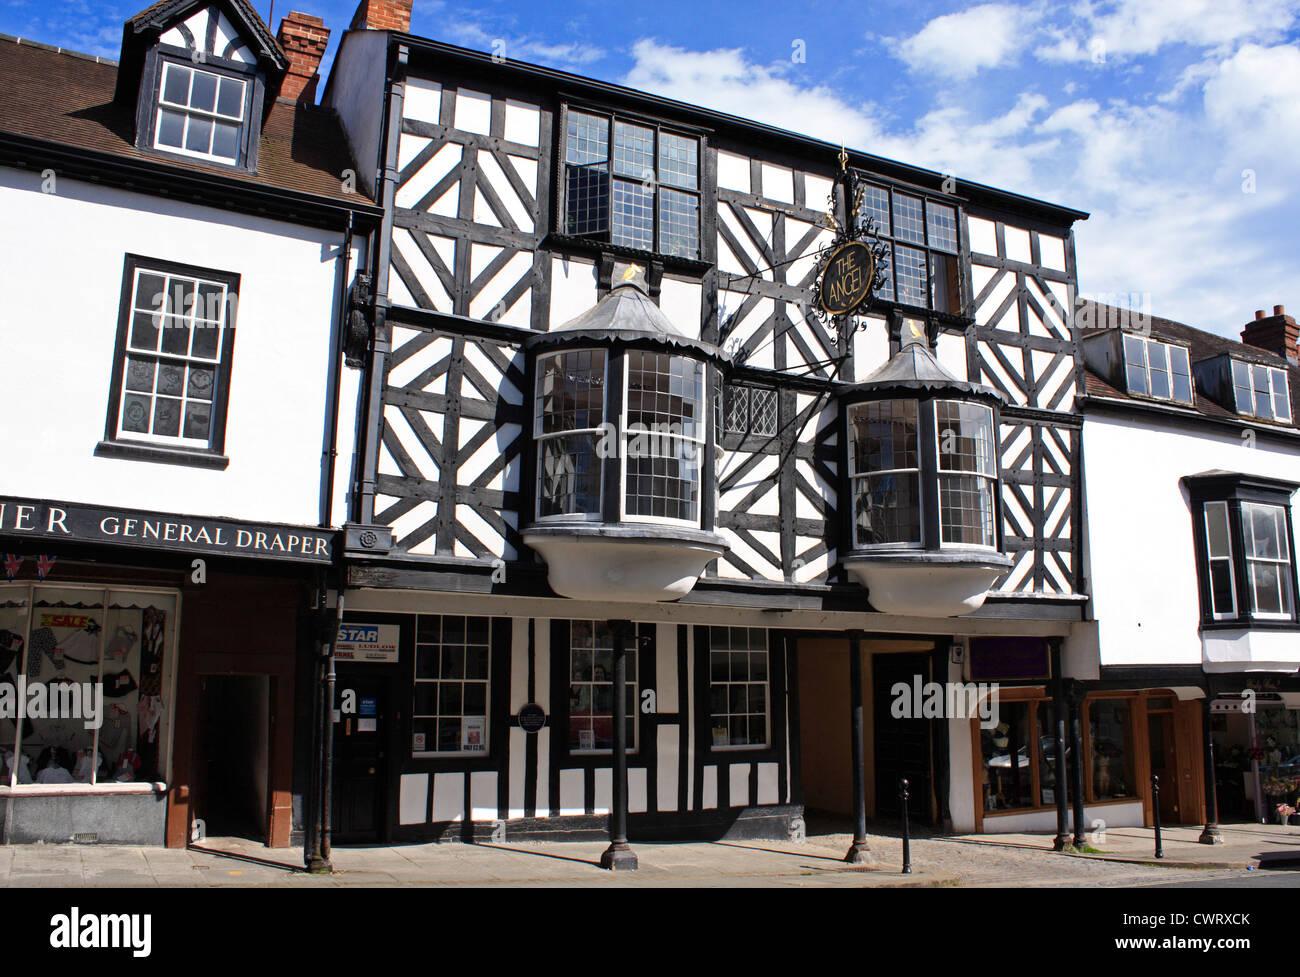 The Angel Hotel Historic Town of Ludlow Shropshire England UK United Kingdom EU European Union Europe - Stock Image